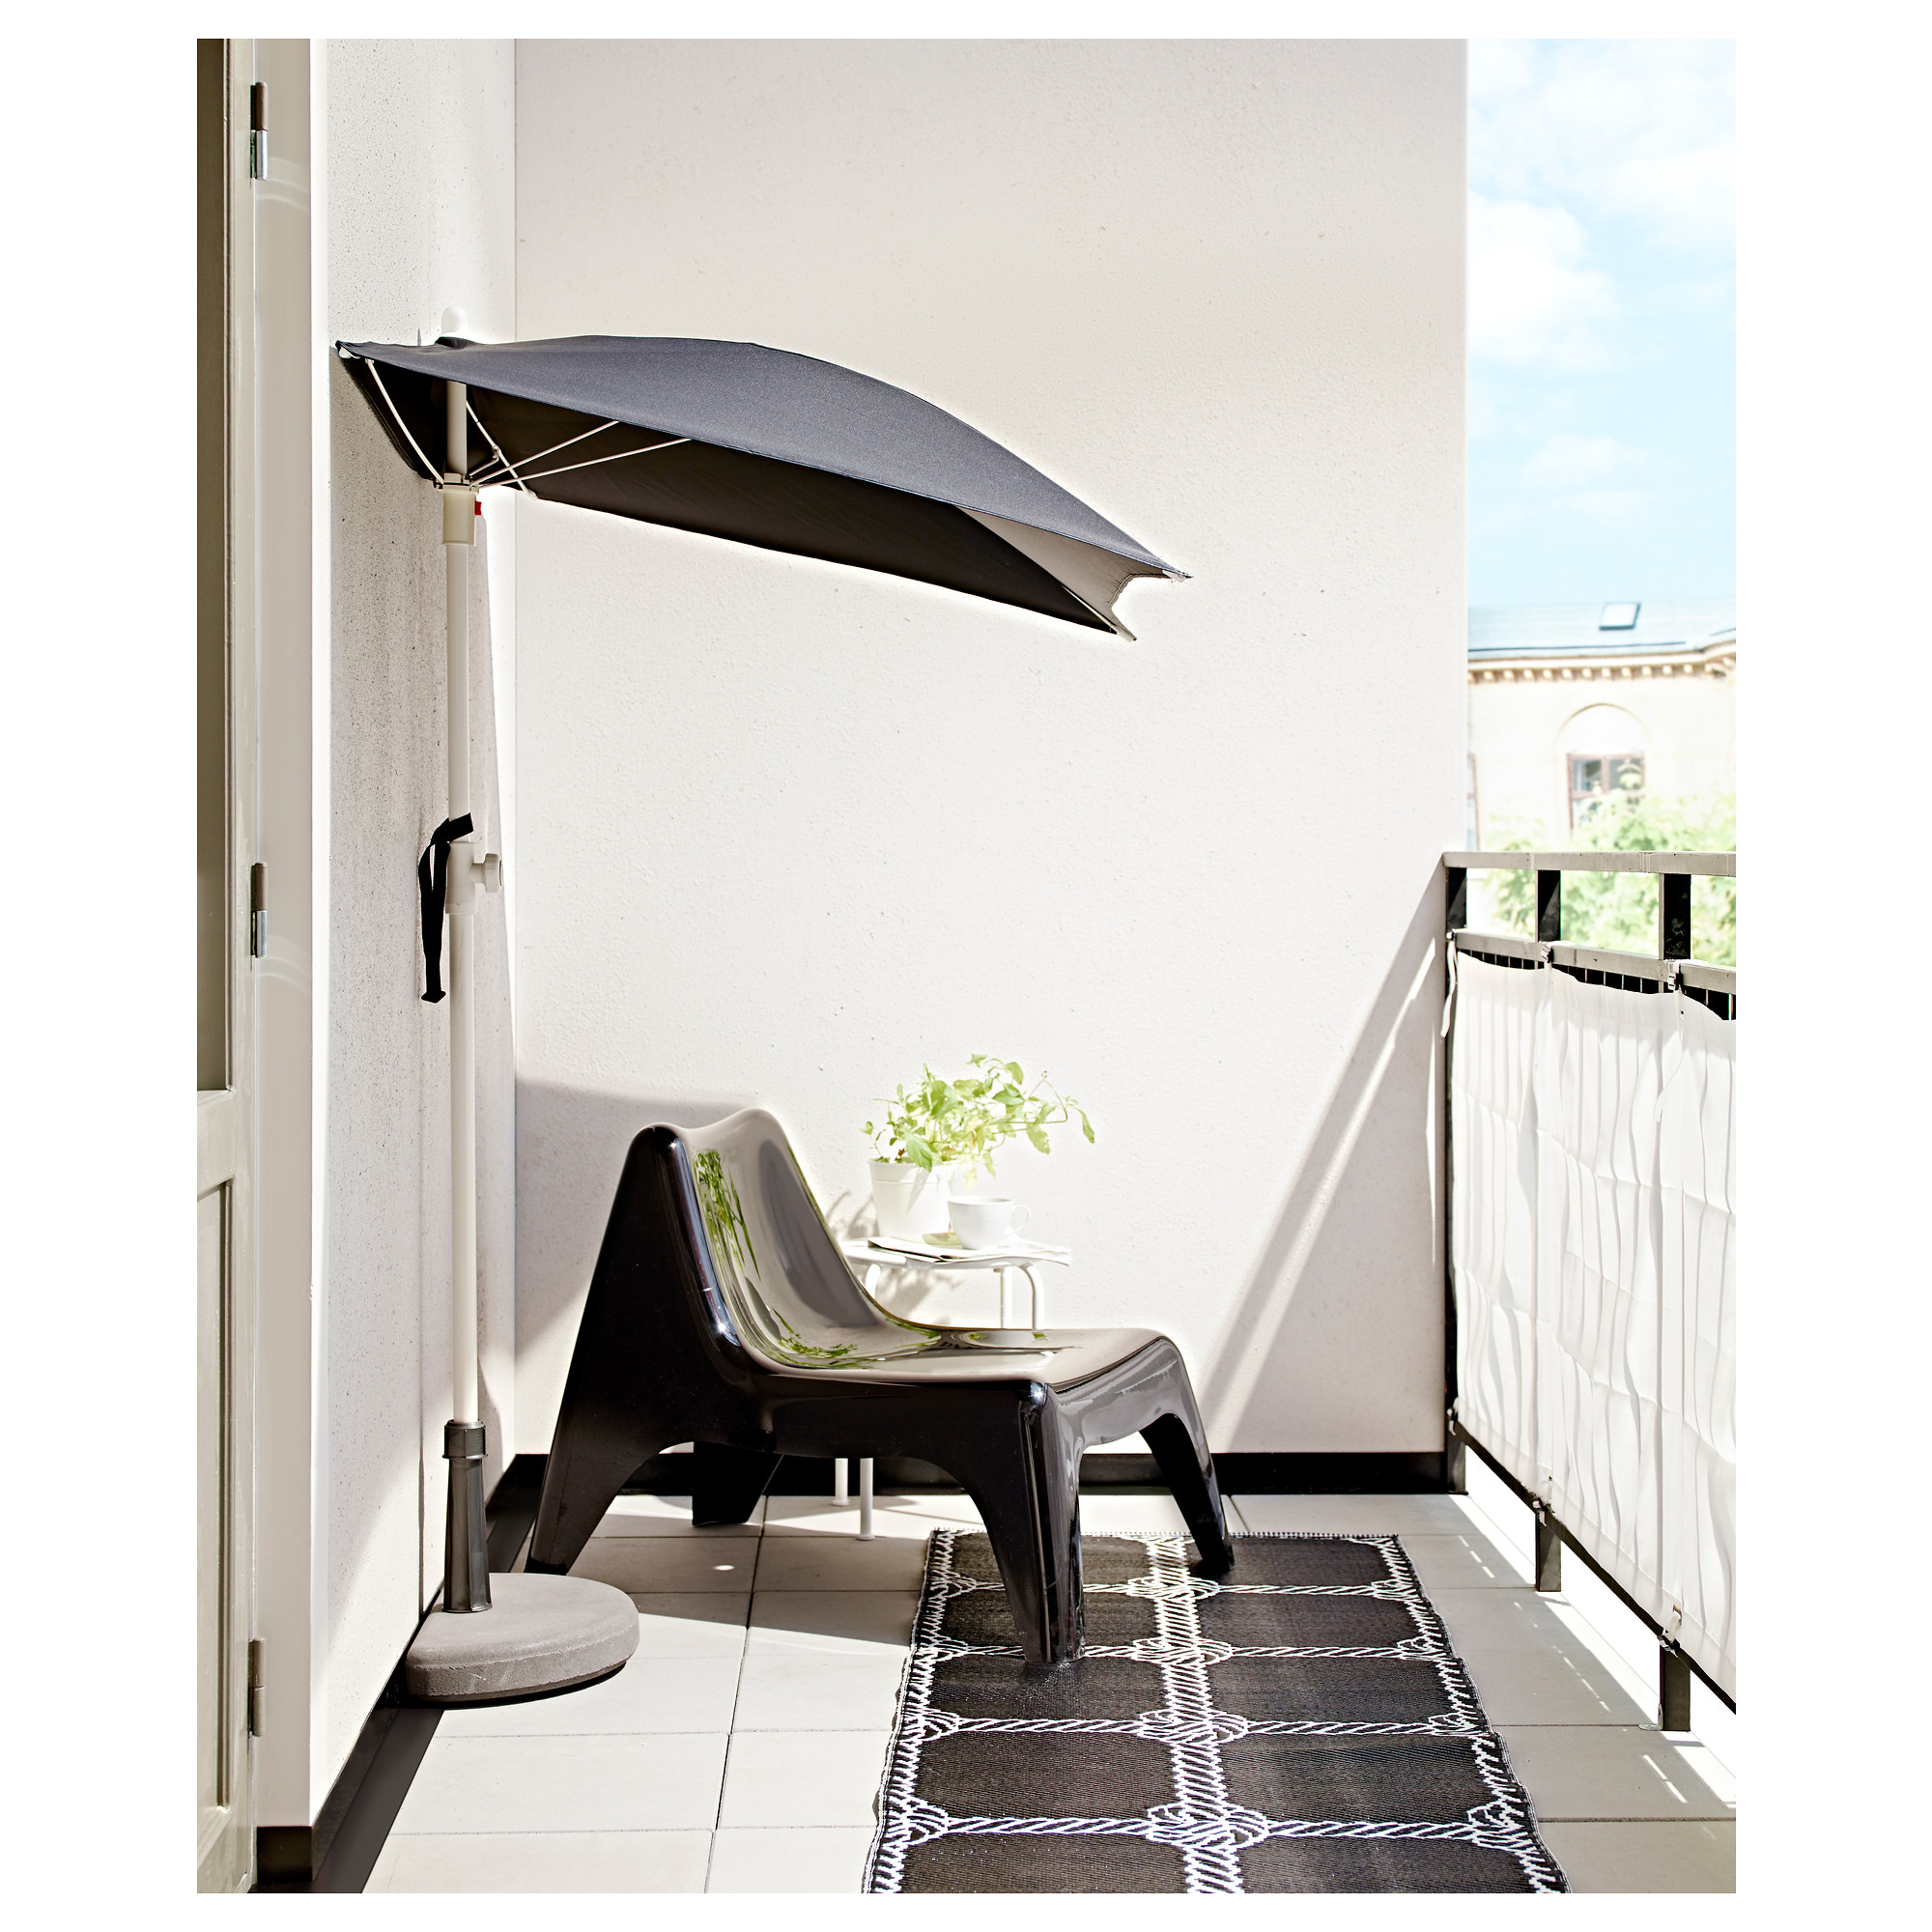 Arredare Il Balcone Ikea ikea giardino: 10 idee economiche per arredare gli esterni